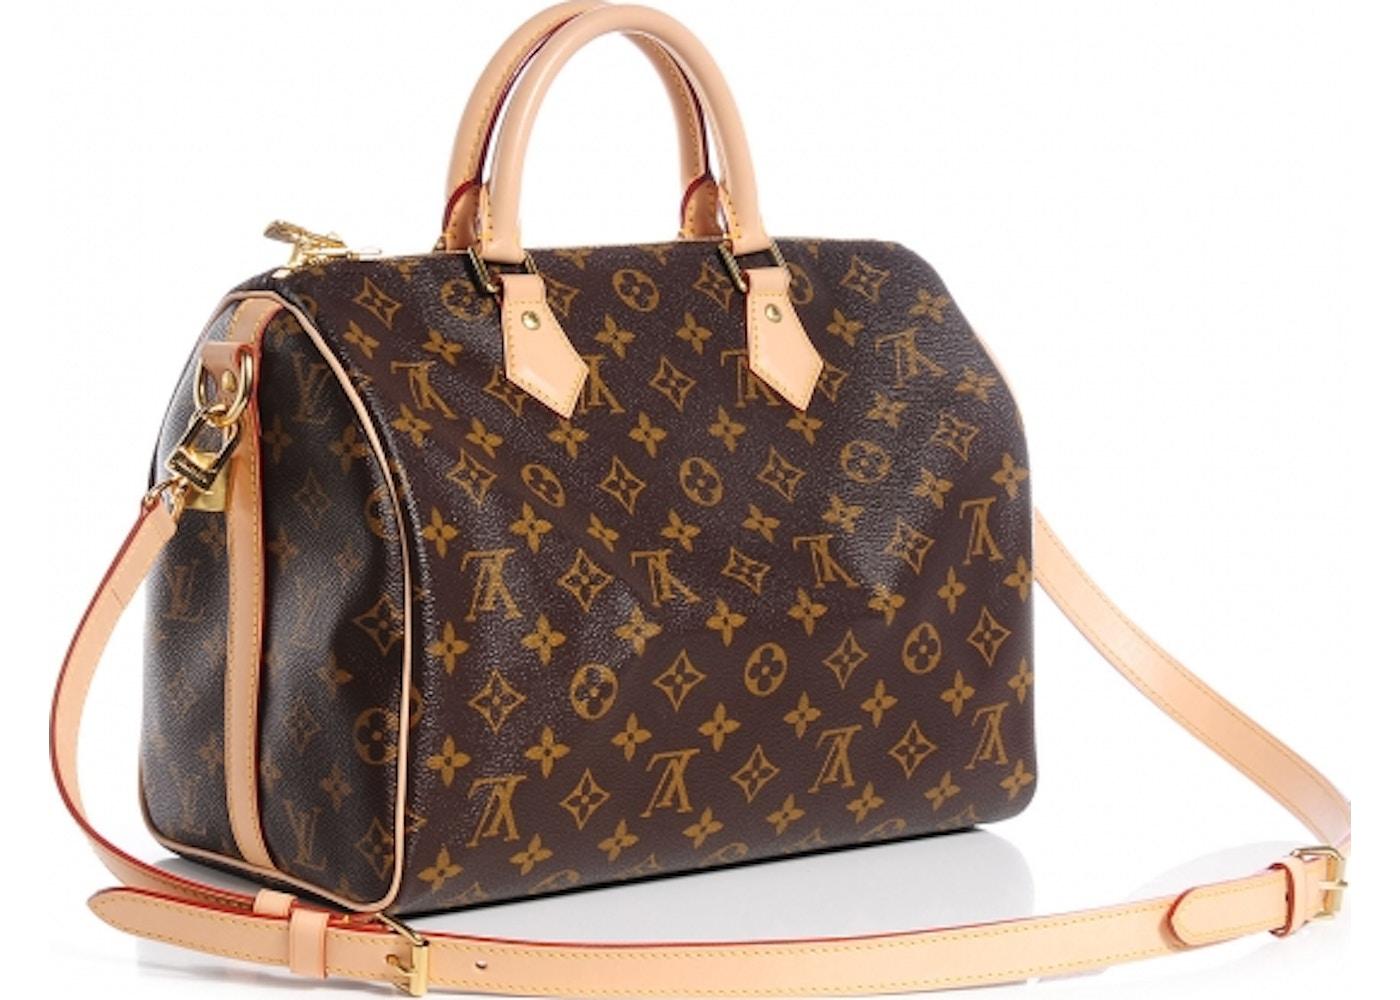 904c66914b04 Louis Vuitton Speedy Bandouliere Monogram 30 Brown